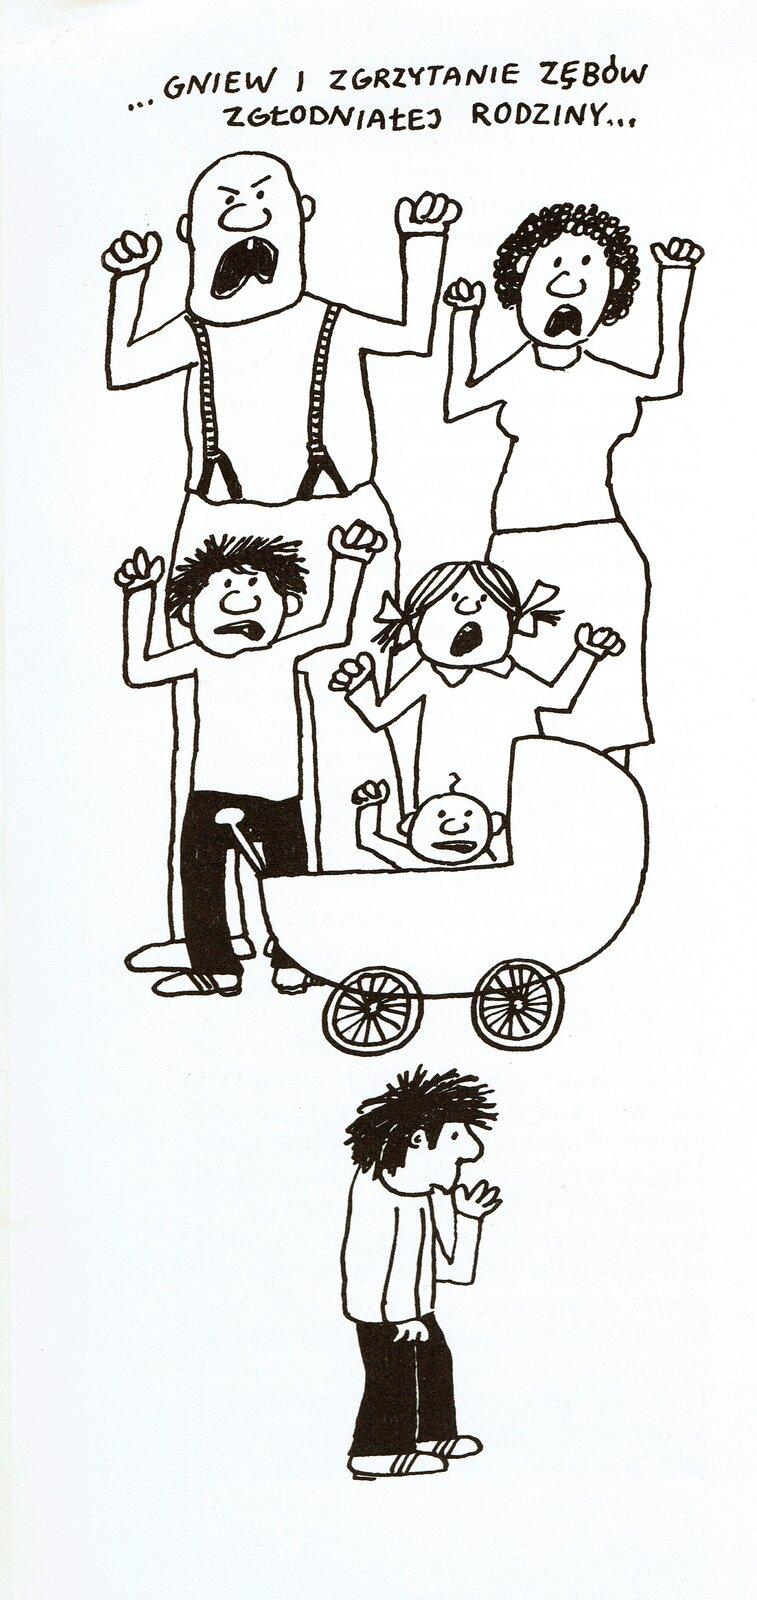 """Ilustracja przedstawia pracę Bohdana Butenki zksiążki Wandy Kobyłęckiej """"Jak oswoić lwa"""". Ukazuje rodzinę zzezłoszczonymi minami. Wtyle stoją mężczyzna zkobietą, przed nimi pięcioro dzieci, zktórych jedno to niemowlę wwózku. Chłopiec zprzodu stoi bokiem itrzyma palec wbuzi, pozostali unoszą ręce ikrzyczą. Czarno-biała ilustracja to rysunek konturowy. Na górze znajduje się napis: ...Gniew izgrzytanie zębów zgłodniałej rodziny..."""